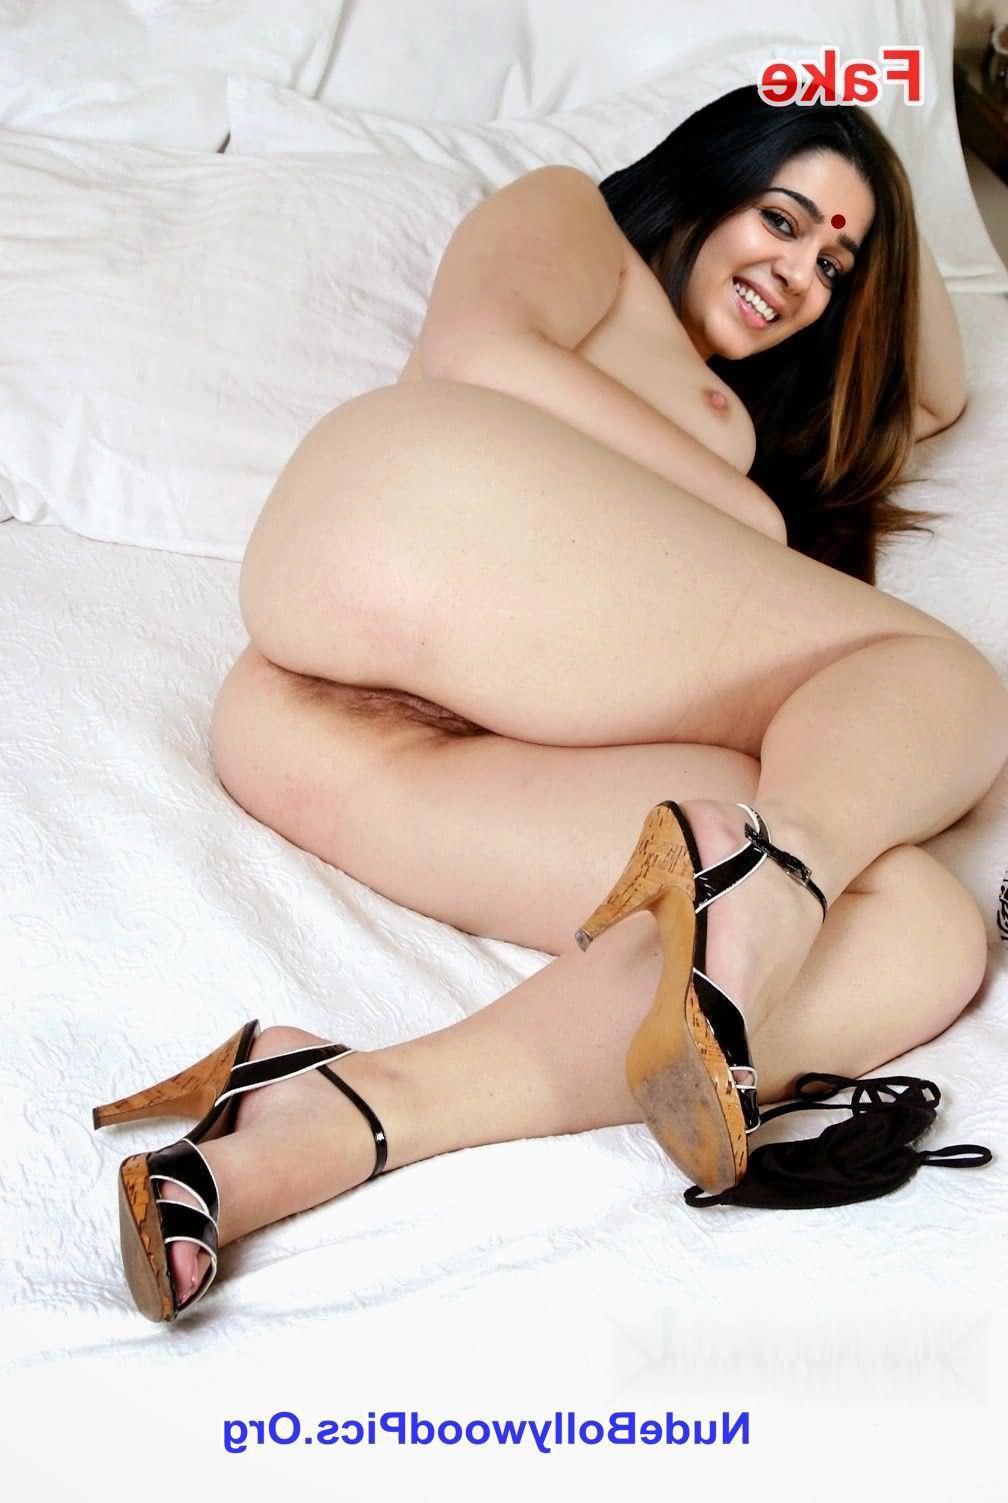 Charmi nude ass on bed - Charmy Kaur Nude Chudai Fucking Photos